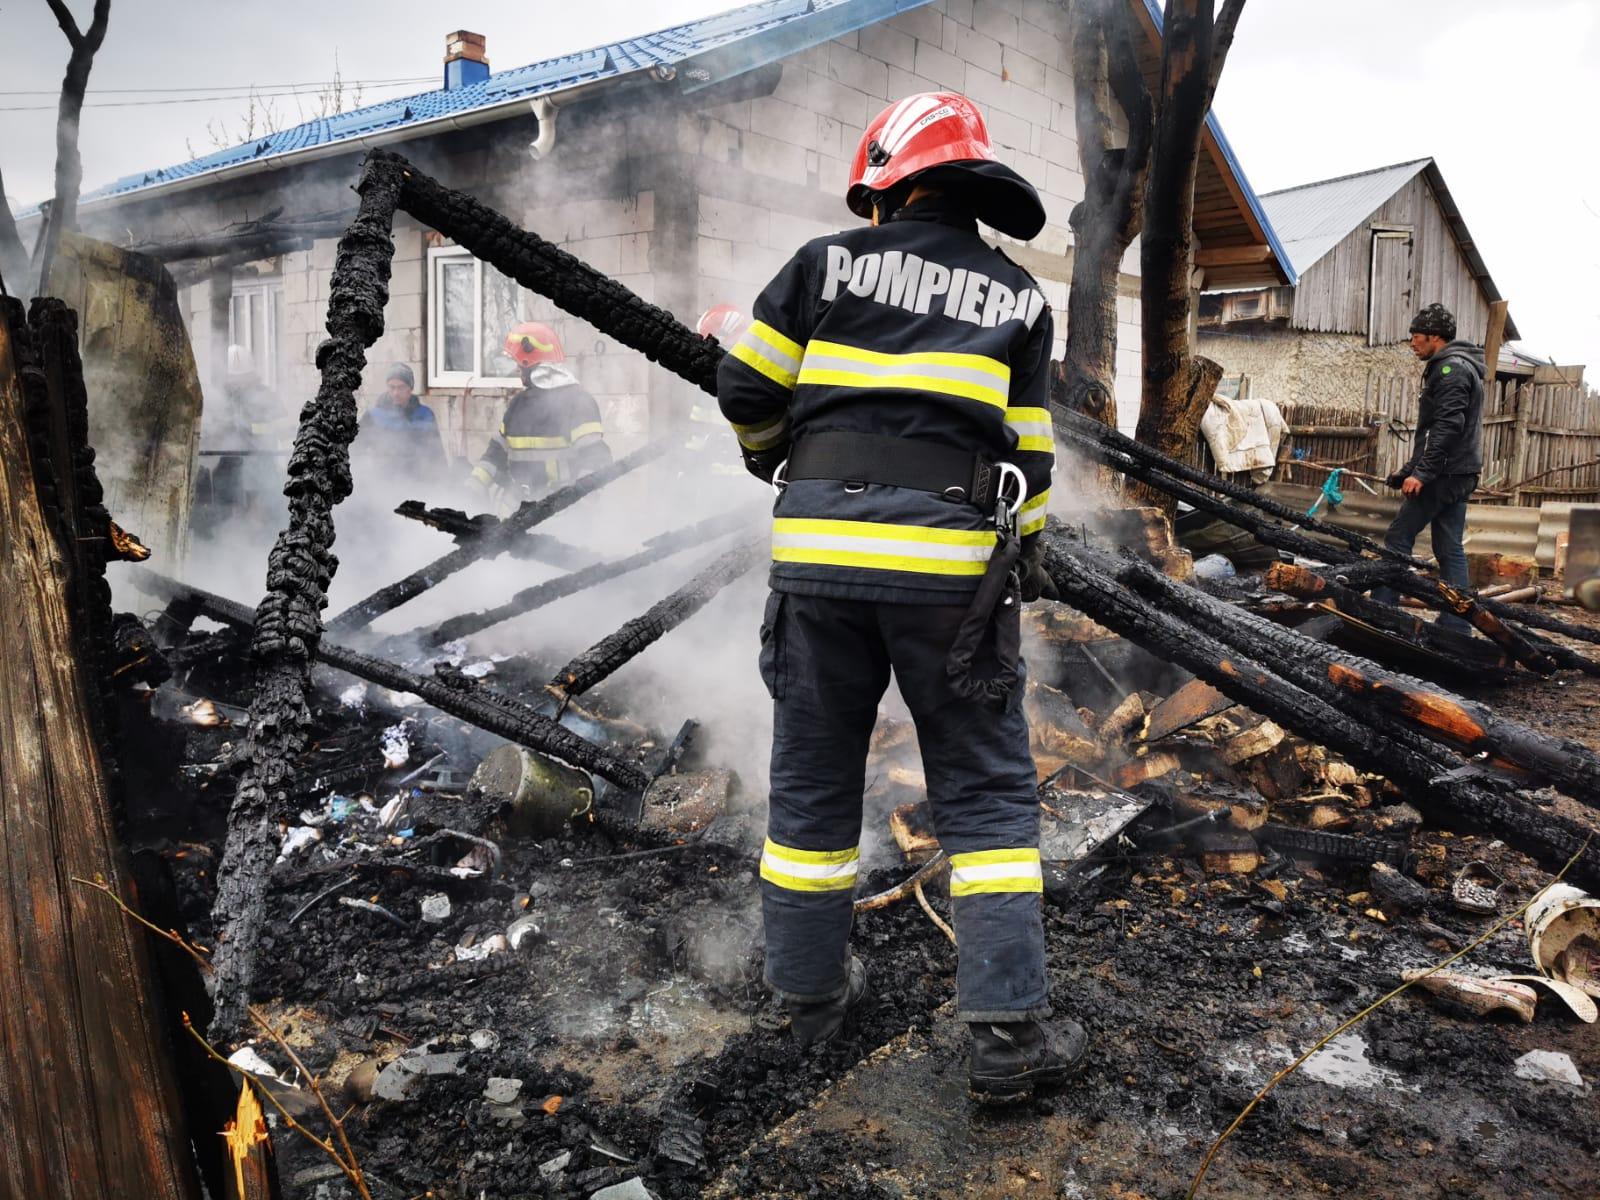 Nu suprasolicitați instalația electrică! Pericol de incendiu!